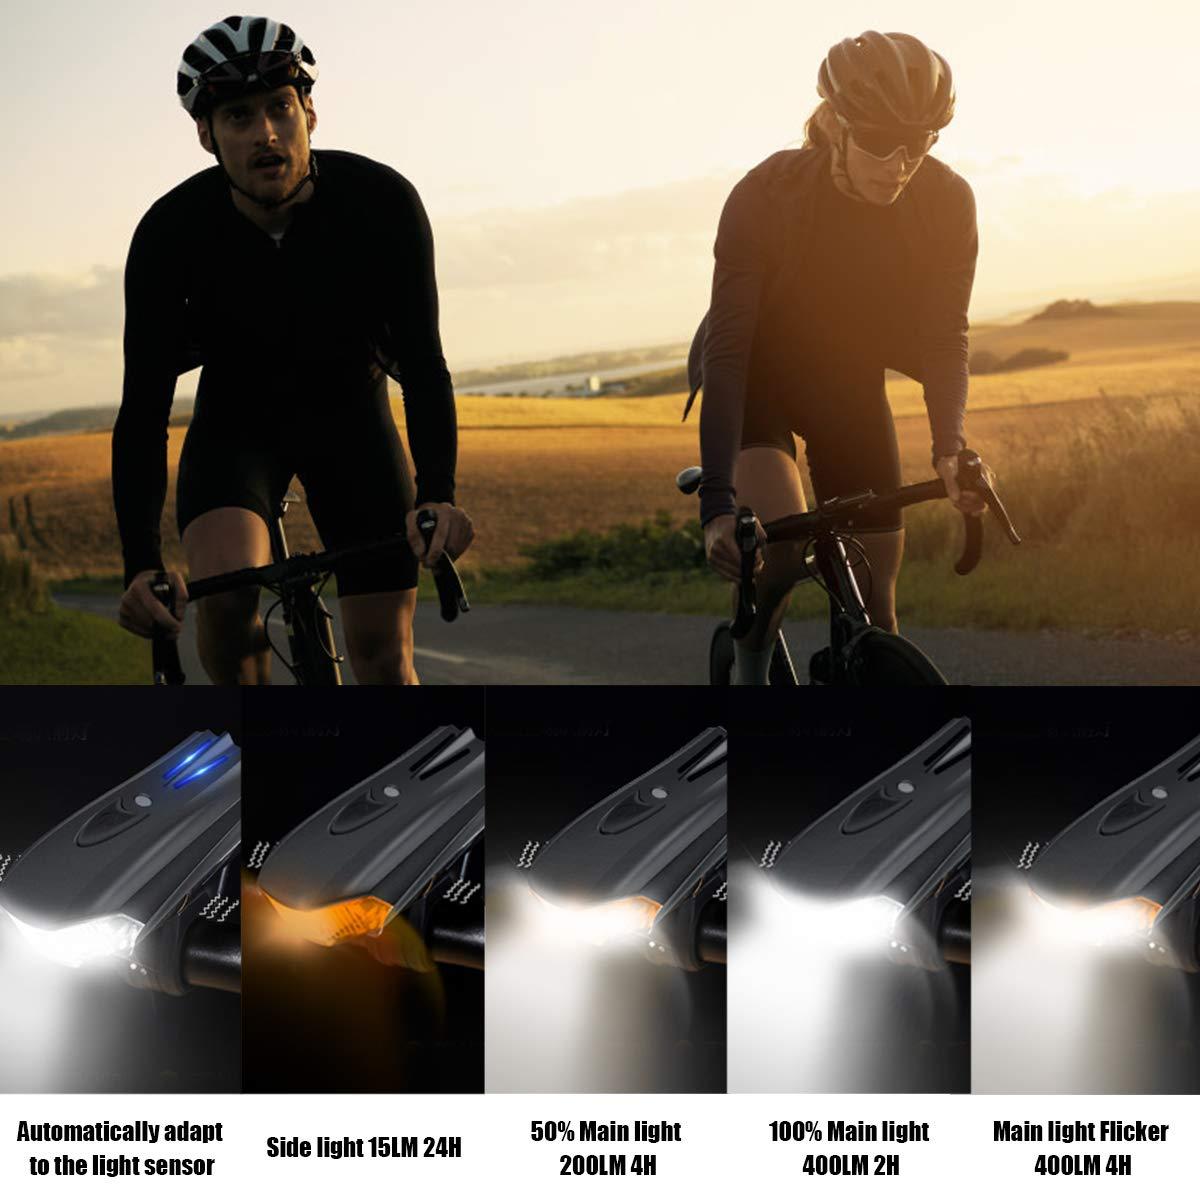 montagne Lumi/ère V/élo Rechargeable USB route LED Ultra Puissant Eclairage V/élo Batterie au Lithium 1200 mAh Lampe V/élo Arri/ère 5 Modes de Luminosit/é /& Impermeable IP65 Convient /à tous les v/élos